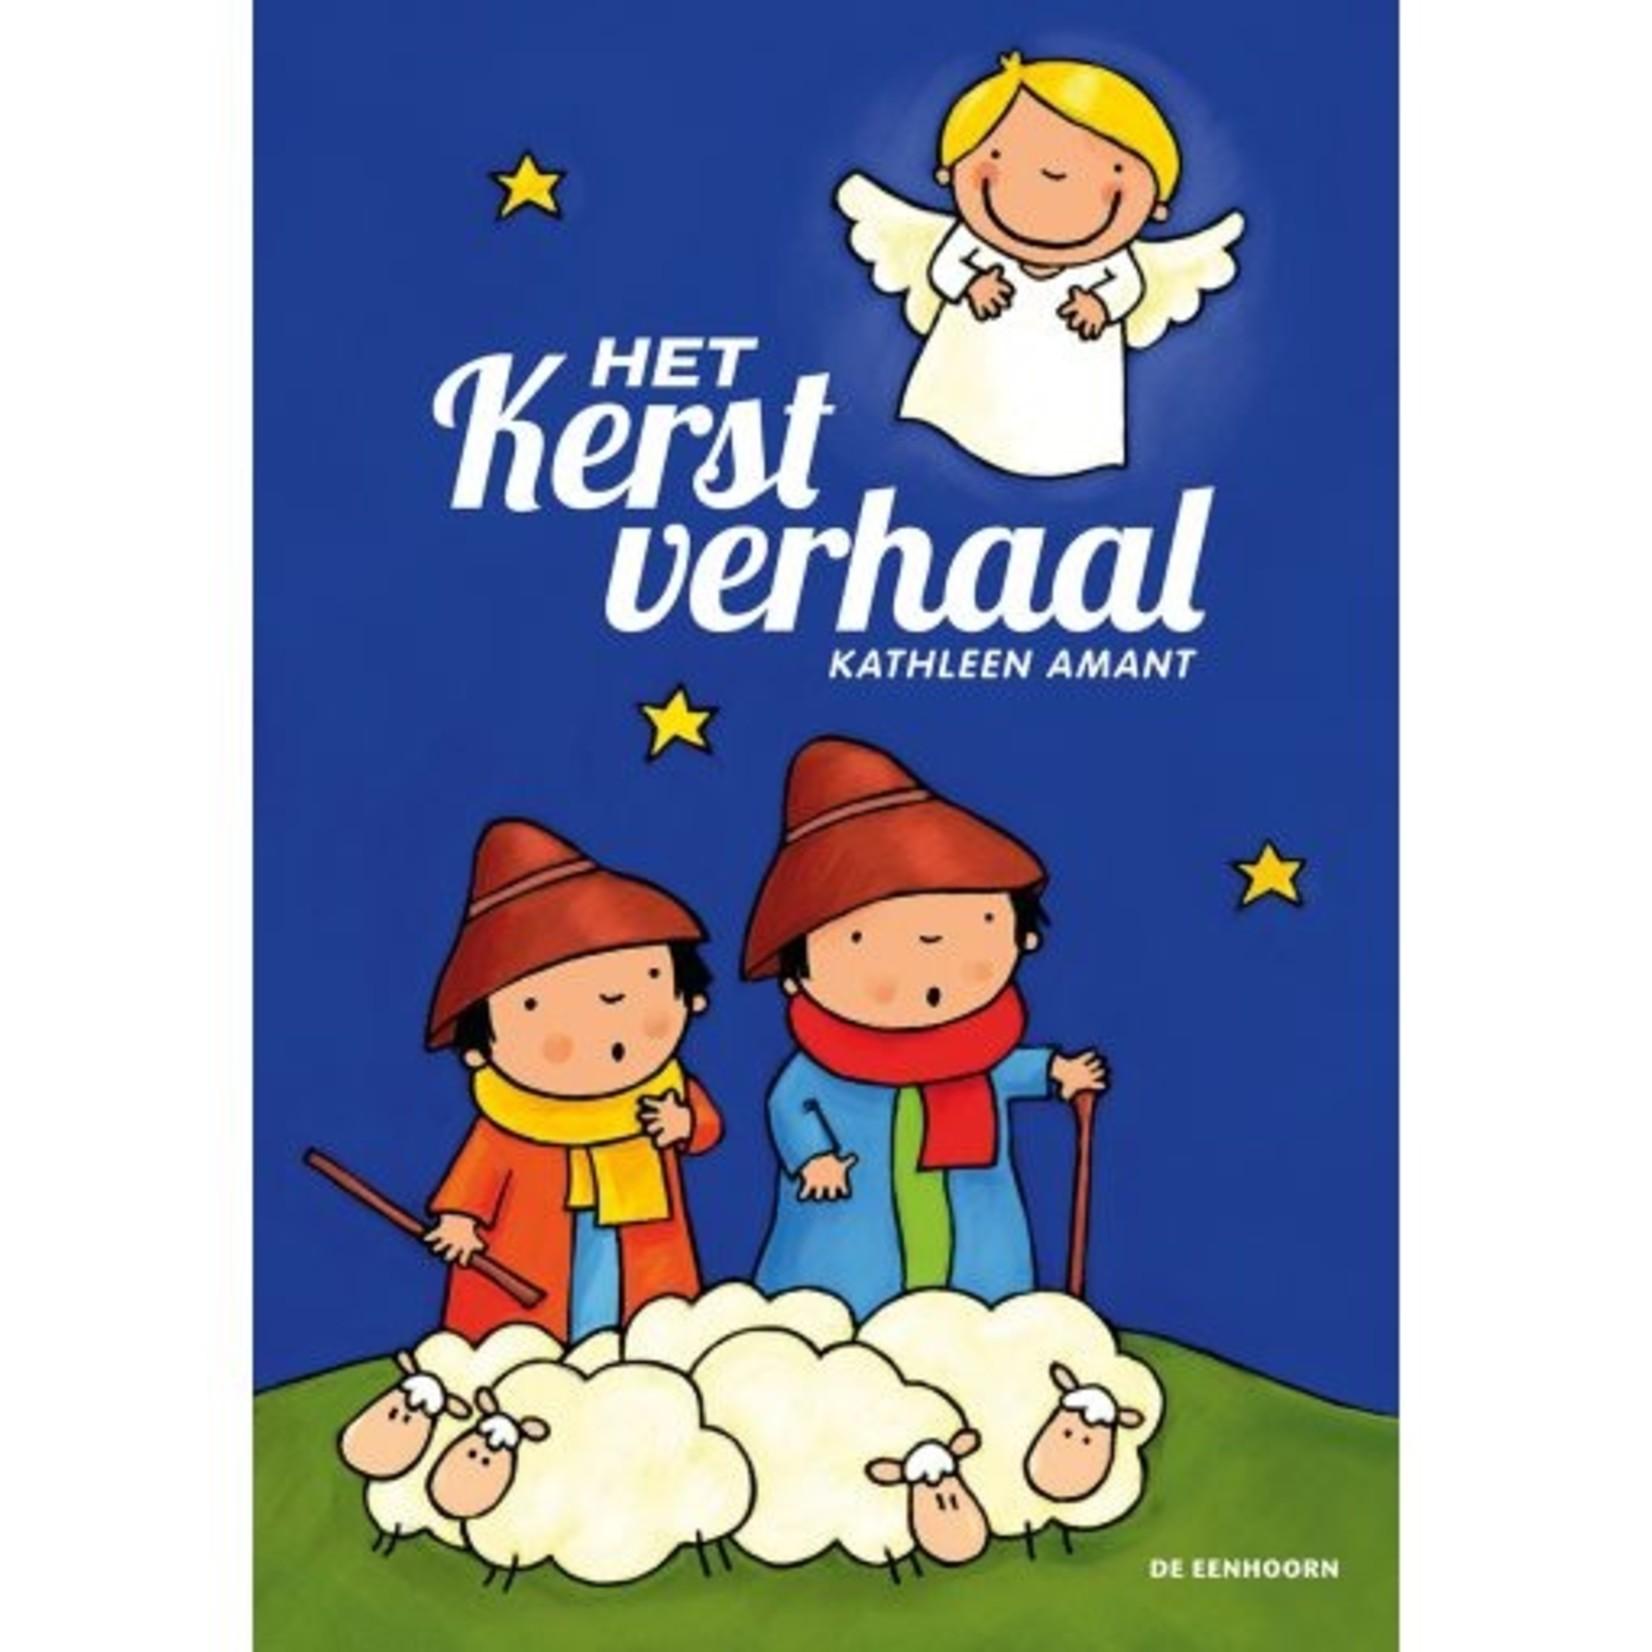 de eenhoorn Het Kerstverhaal Kathleen Amant